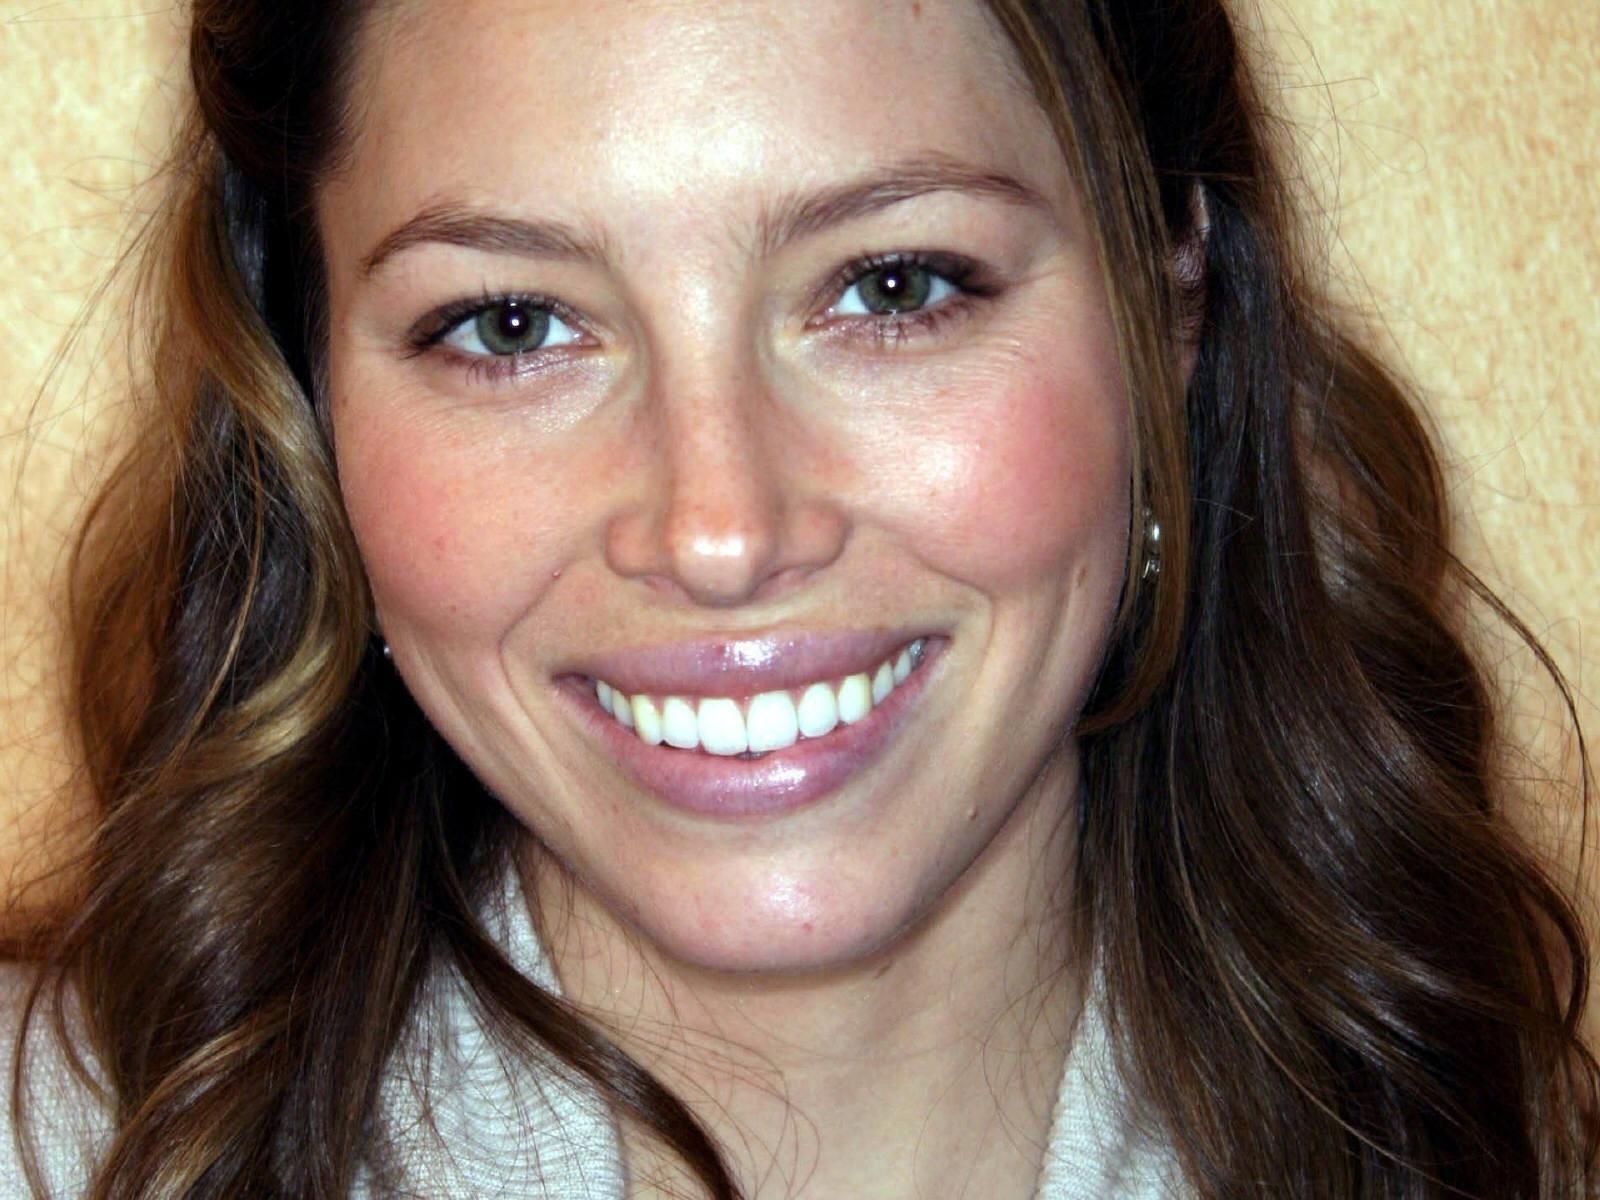 Una sorridente Jessica Biel in uno sfondo per il desktop